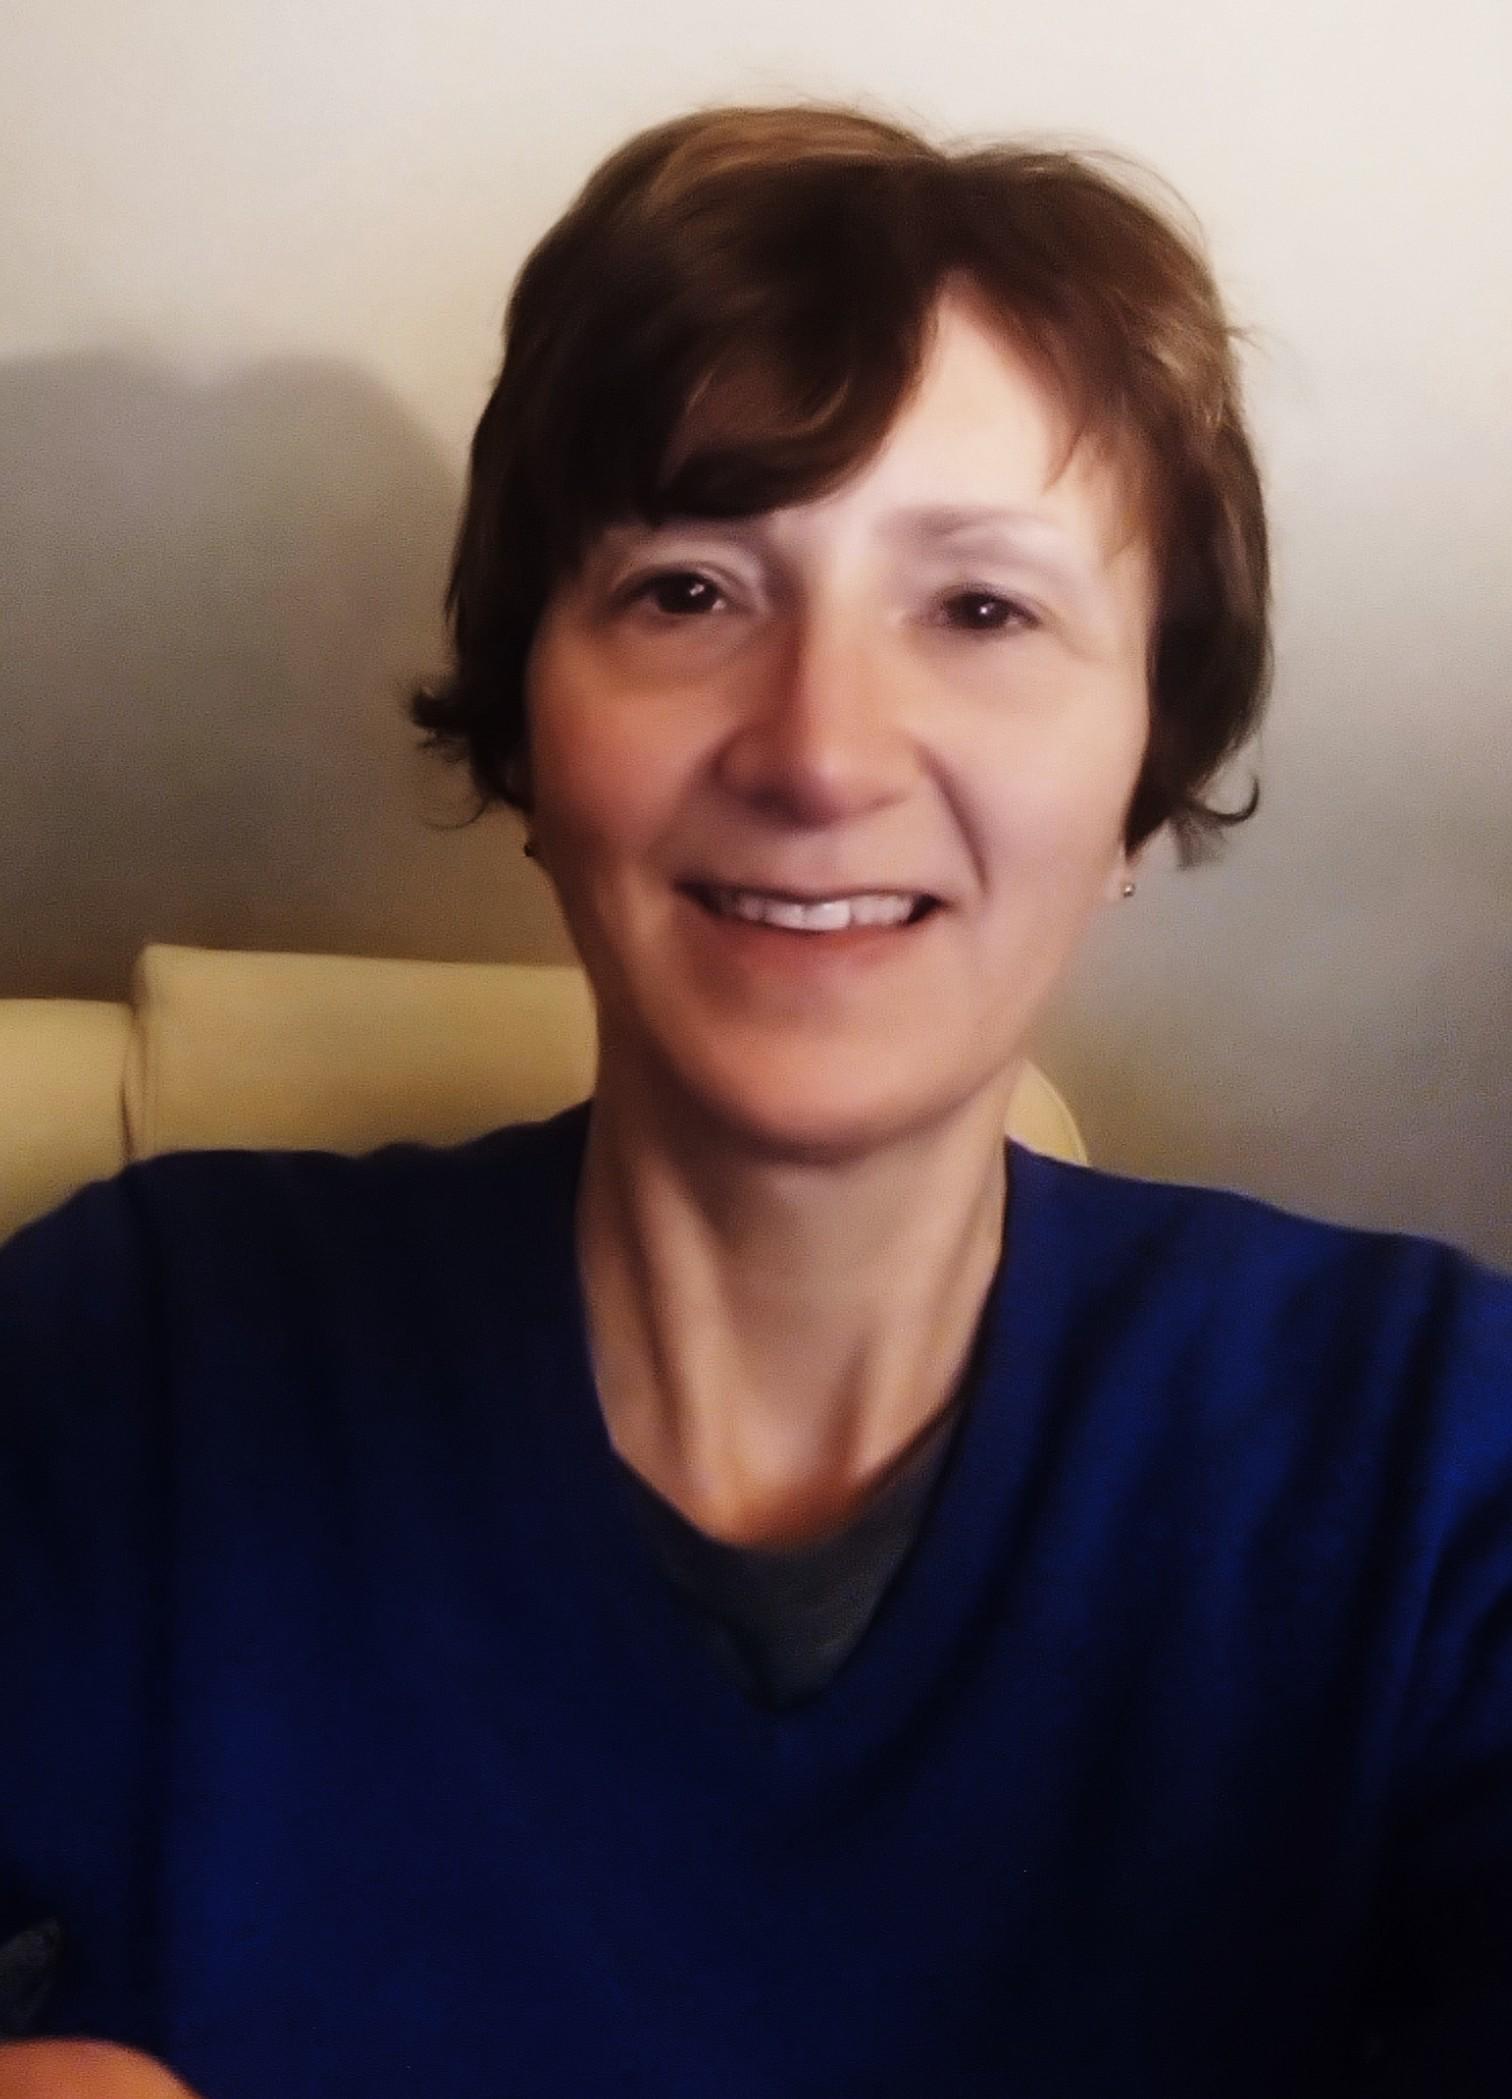 Claire Duchateau